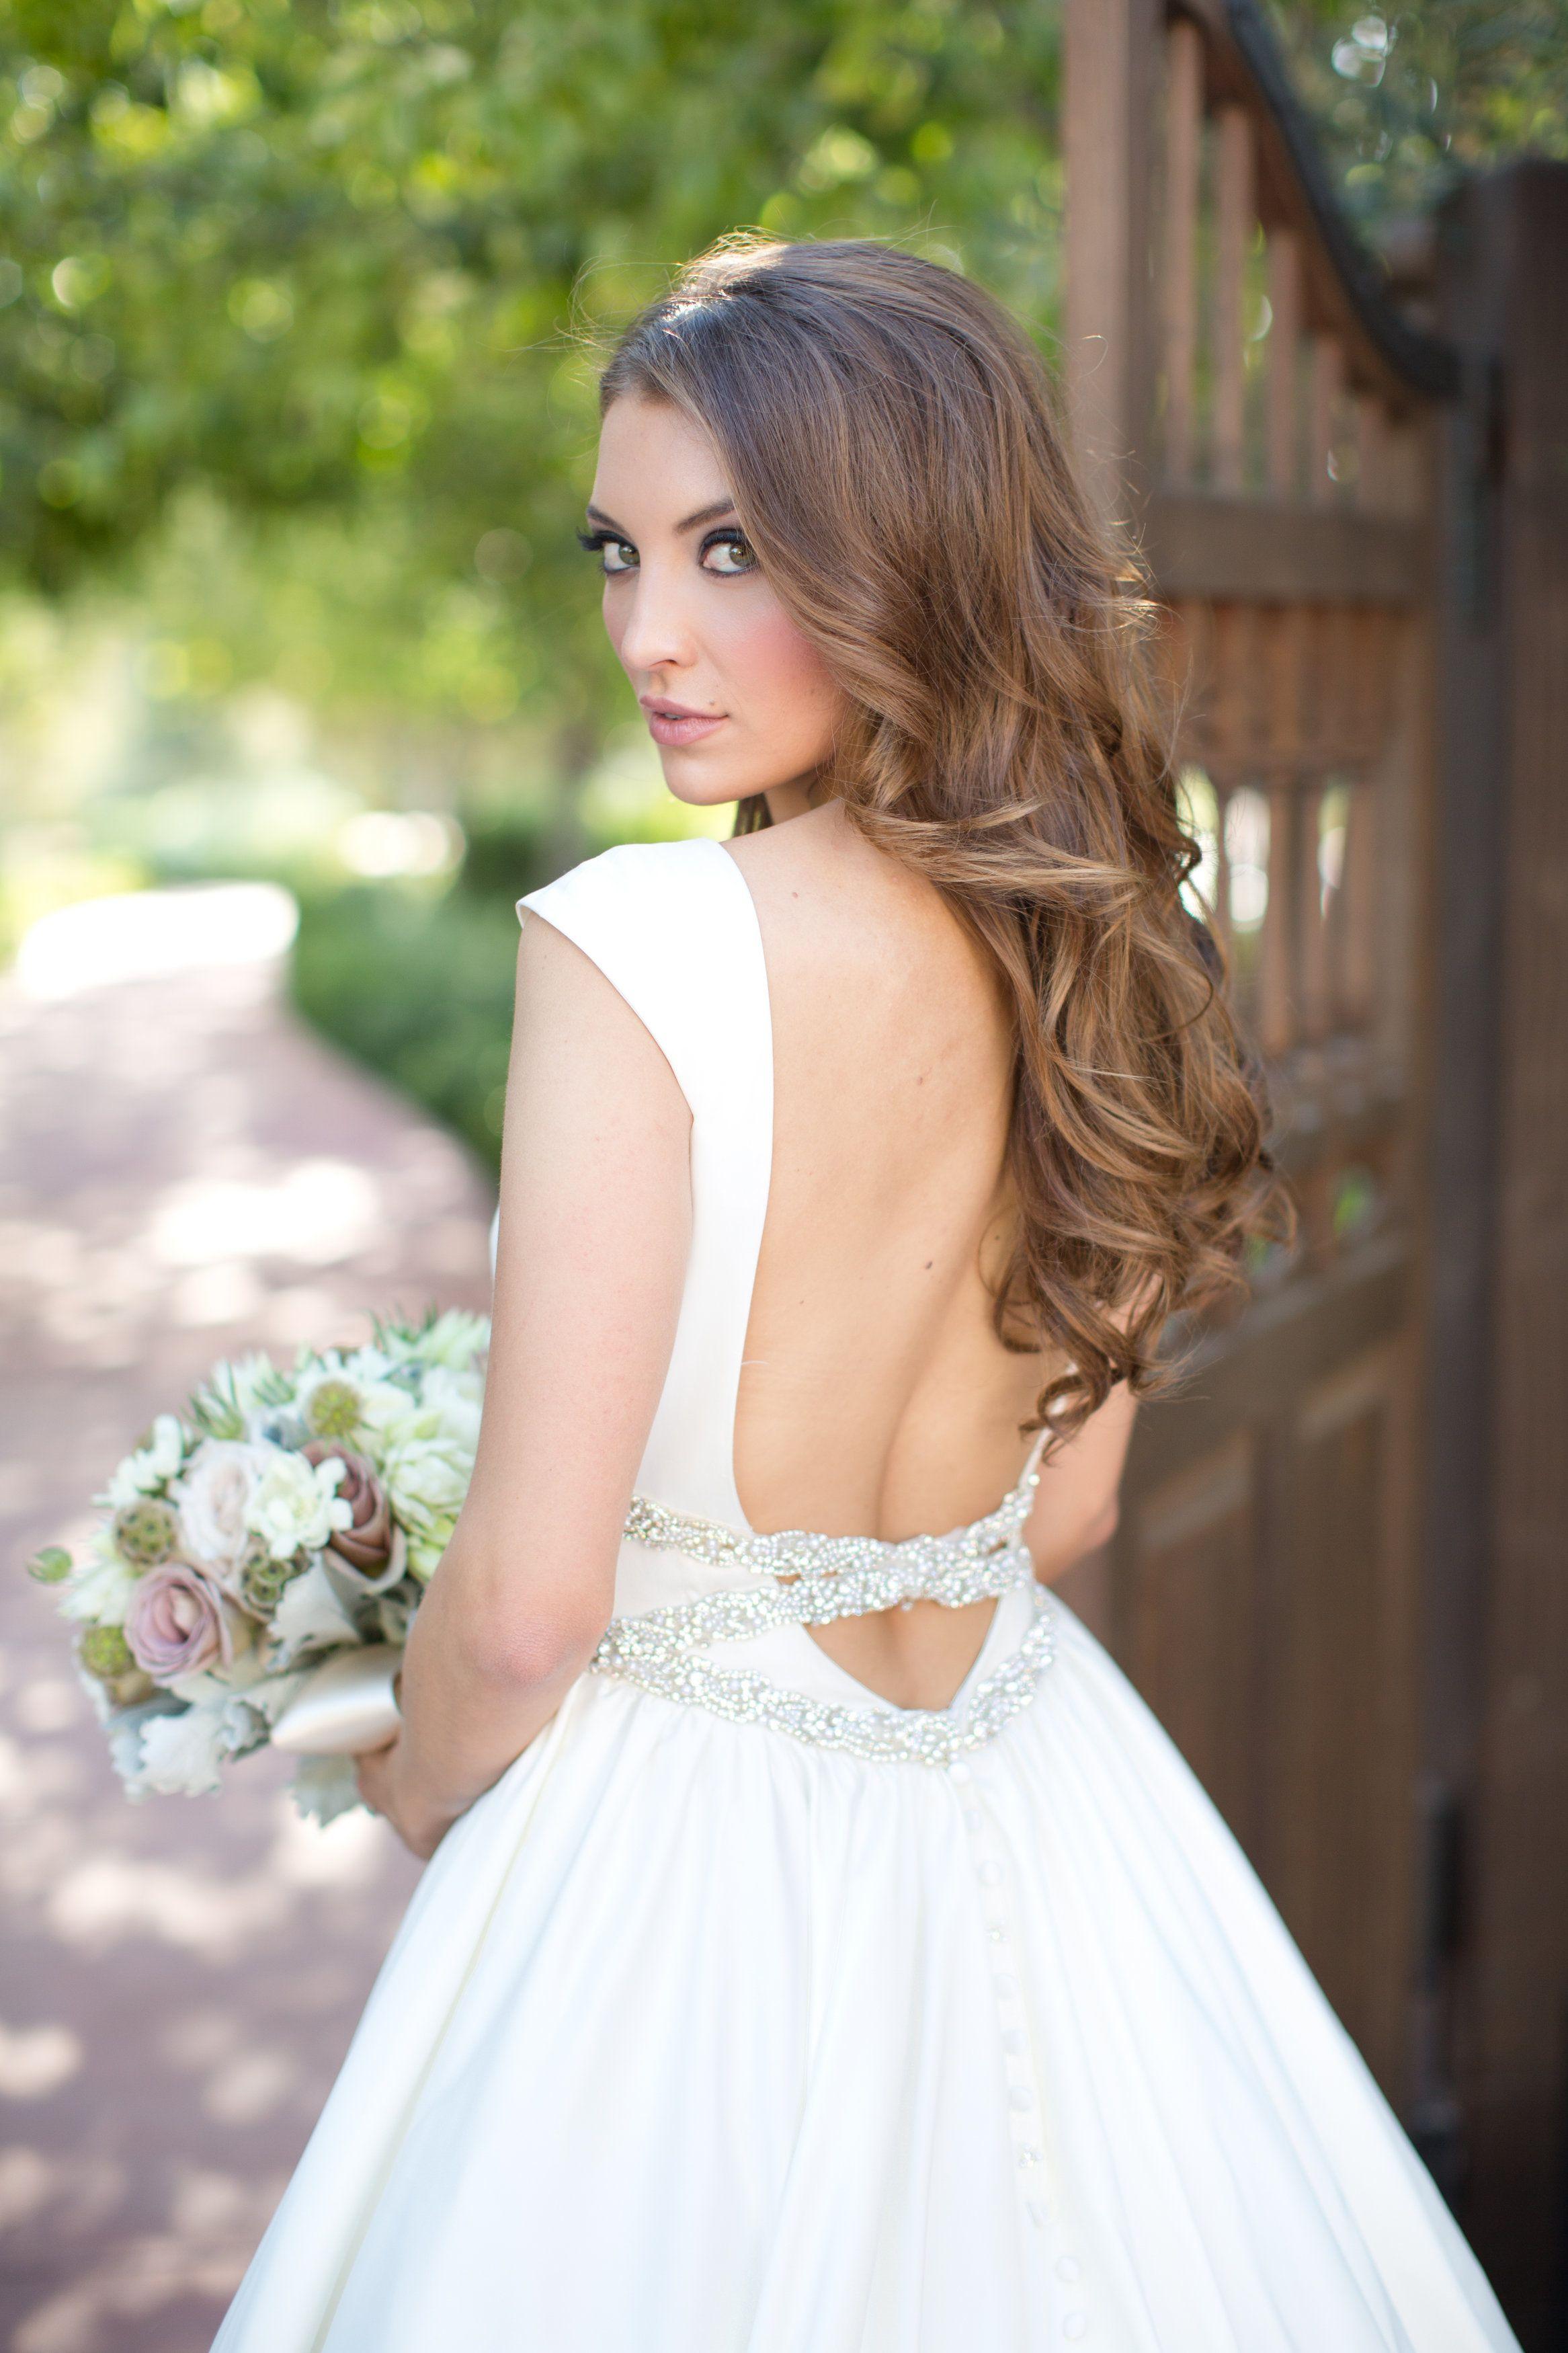 El Chorro Wedding Photos Wedding Curls Long Hair Wedding Styles